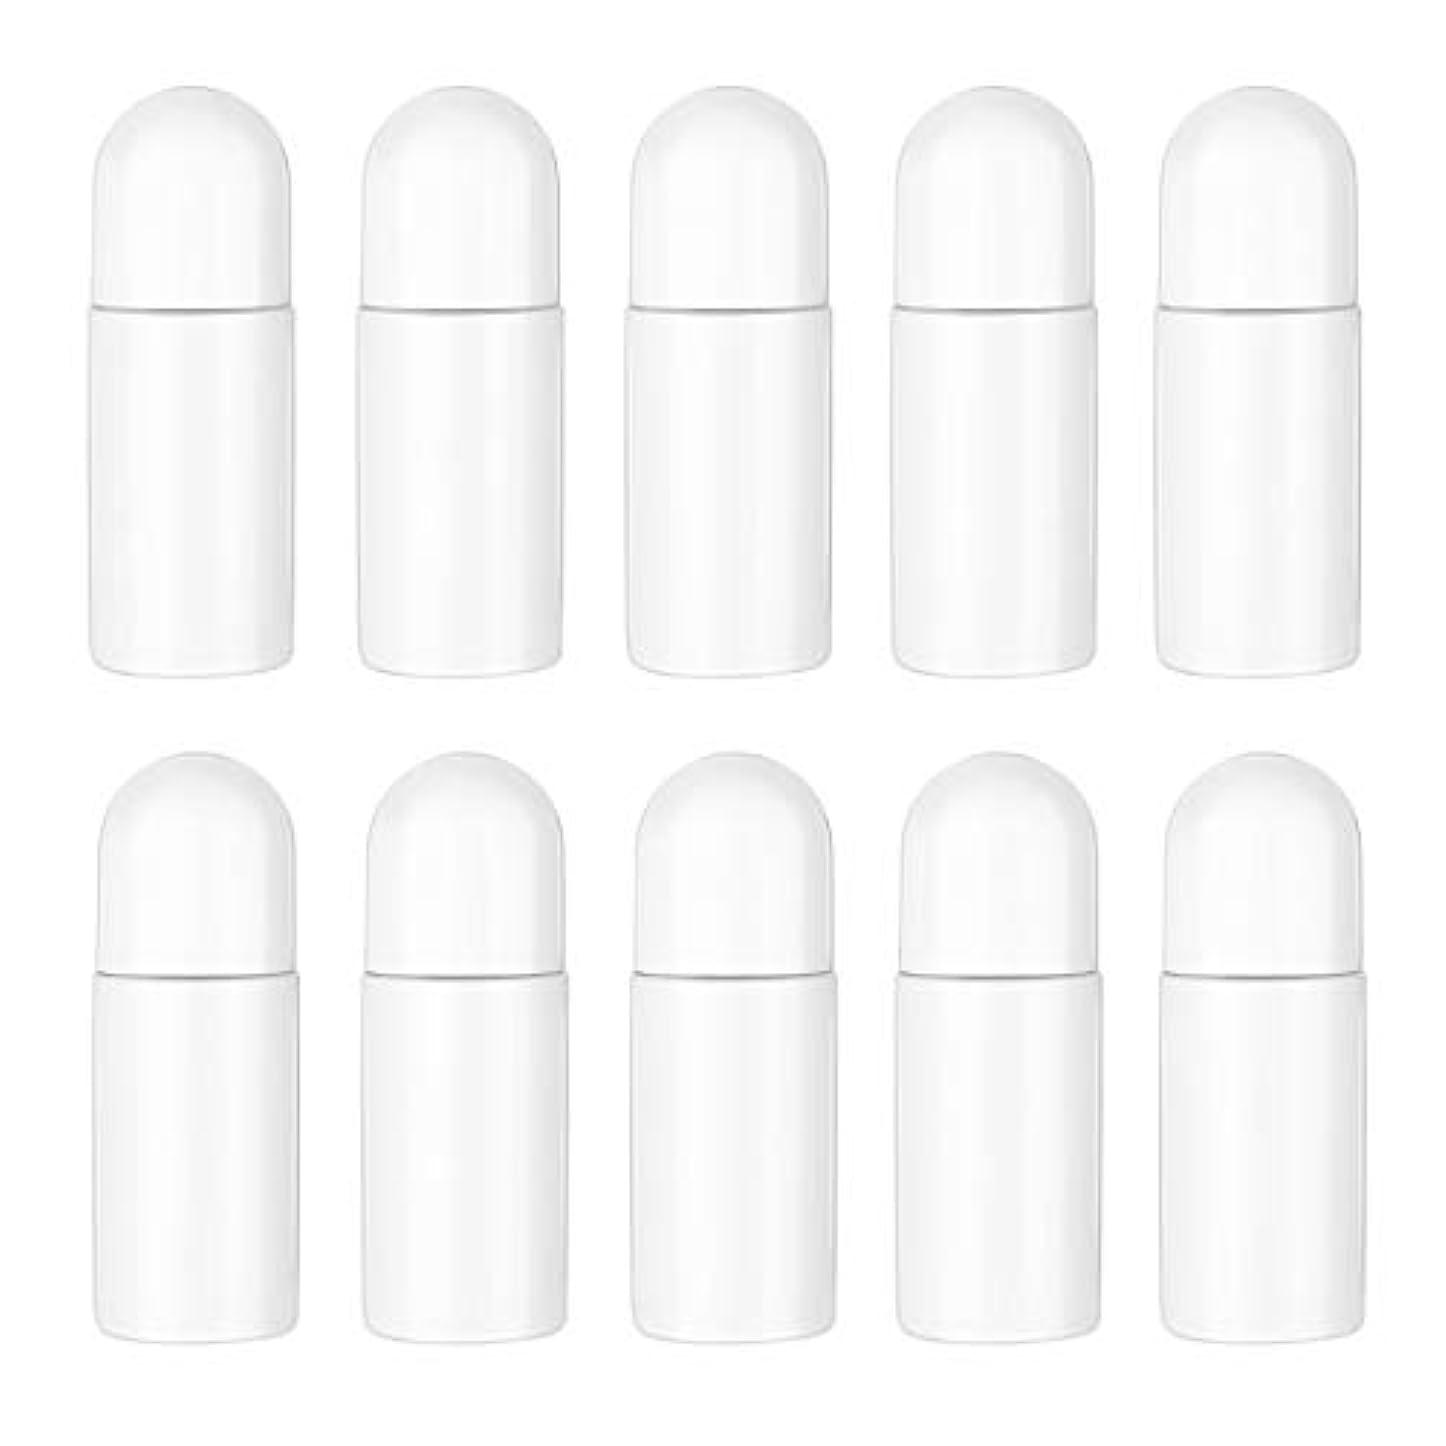 ねばねば超音速厚いHealifty エッセンシャルオイル香水化粧品50 ml(白)の10ピースプラスチックローラーボトル空の詰め替え可能なローラーボールボトル